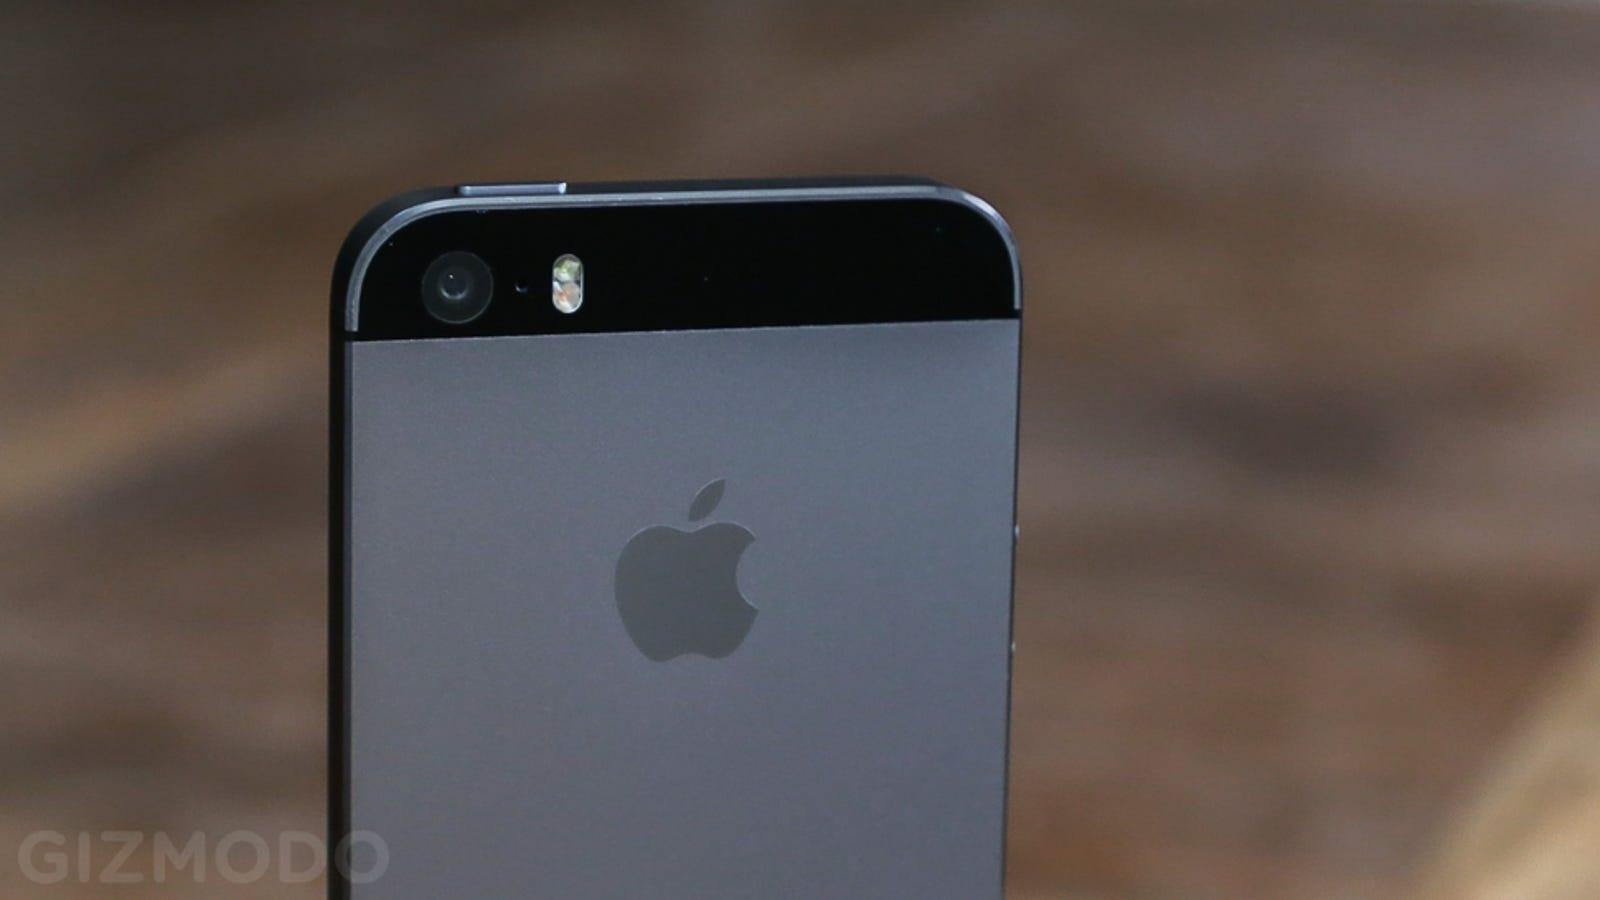 Primeras impresiones del iPhone 5S, el iPhone que lee tus huellas